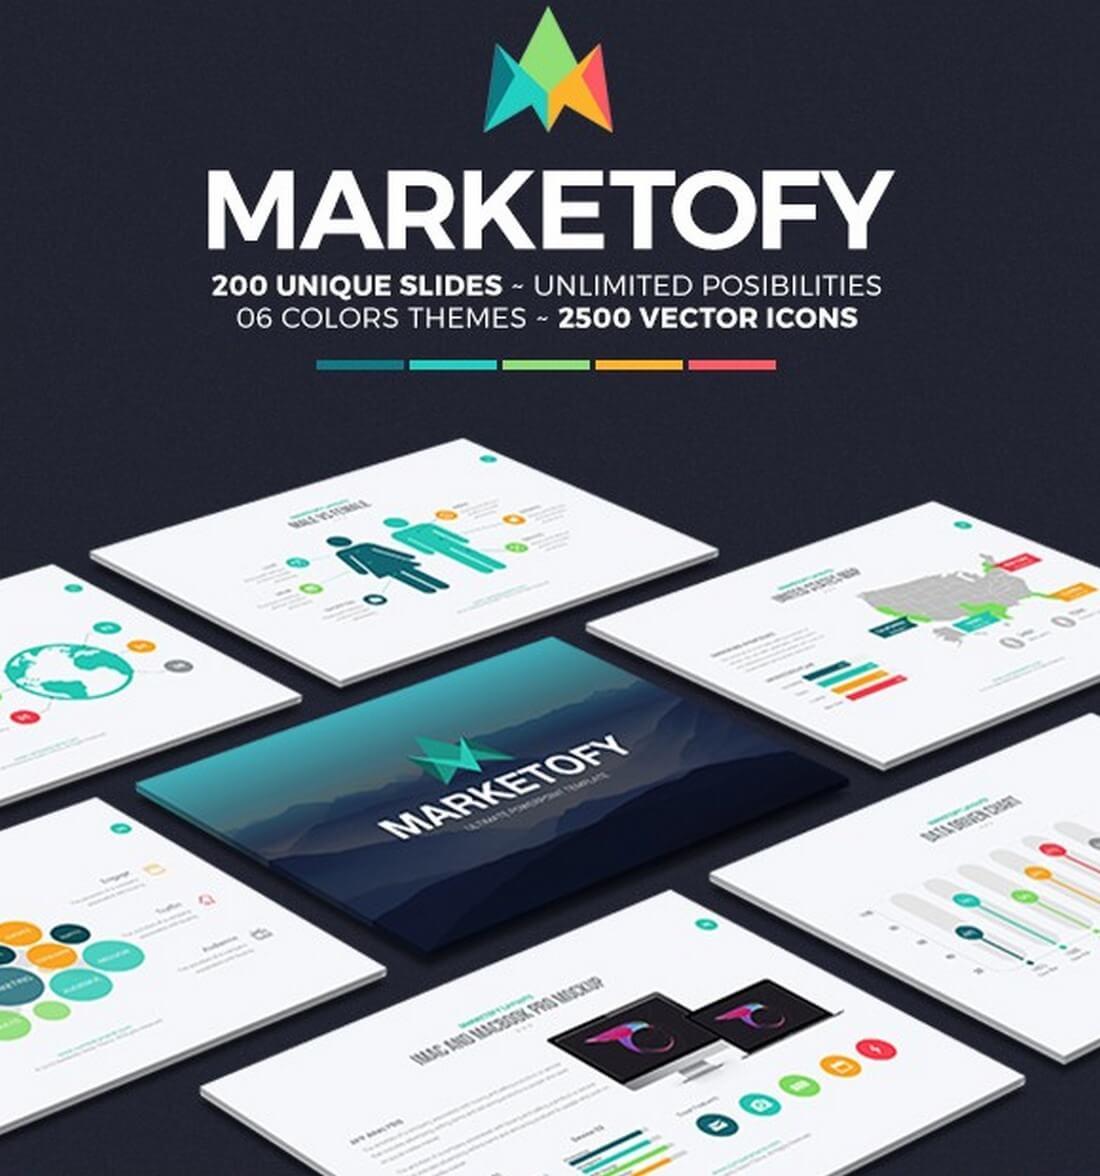 marketofy